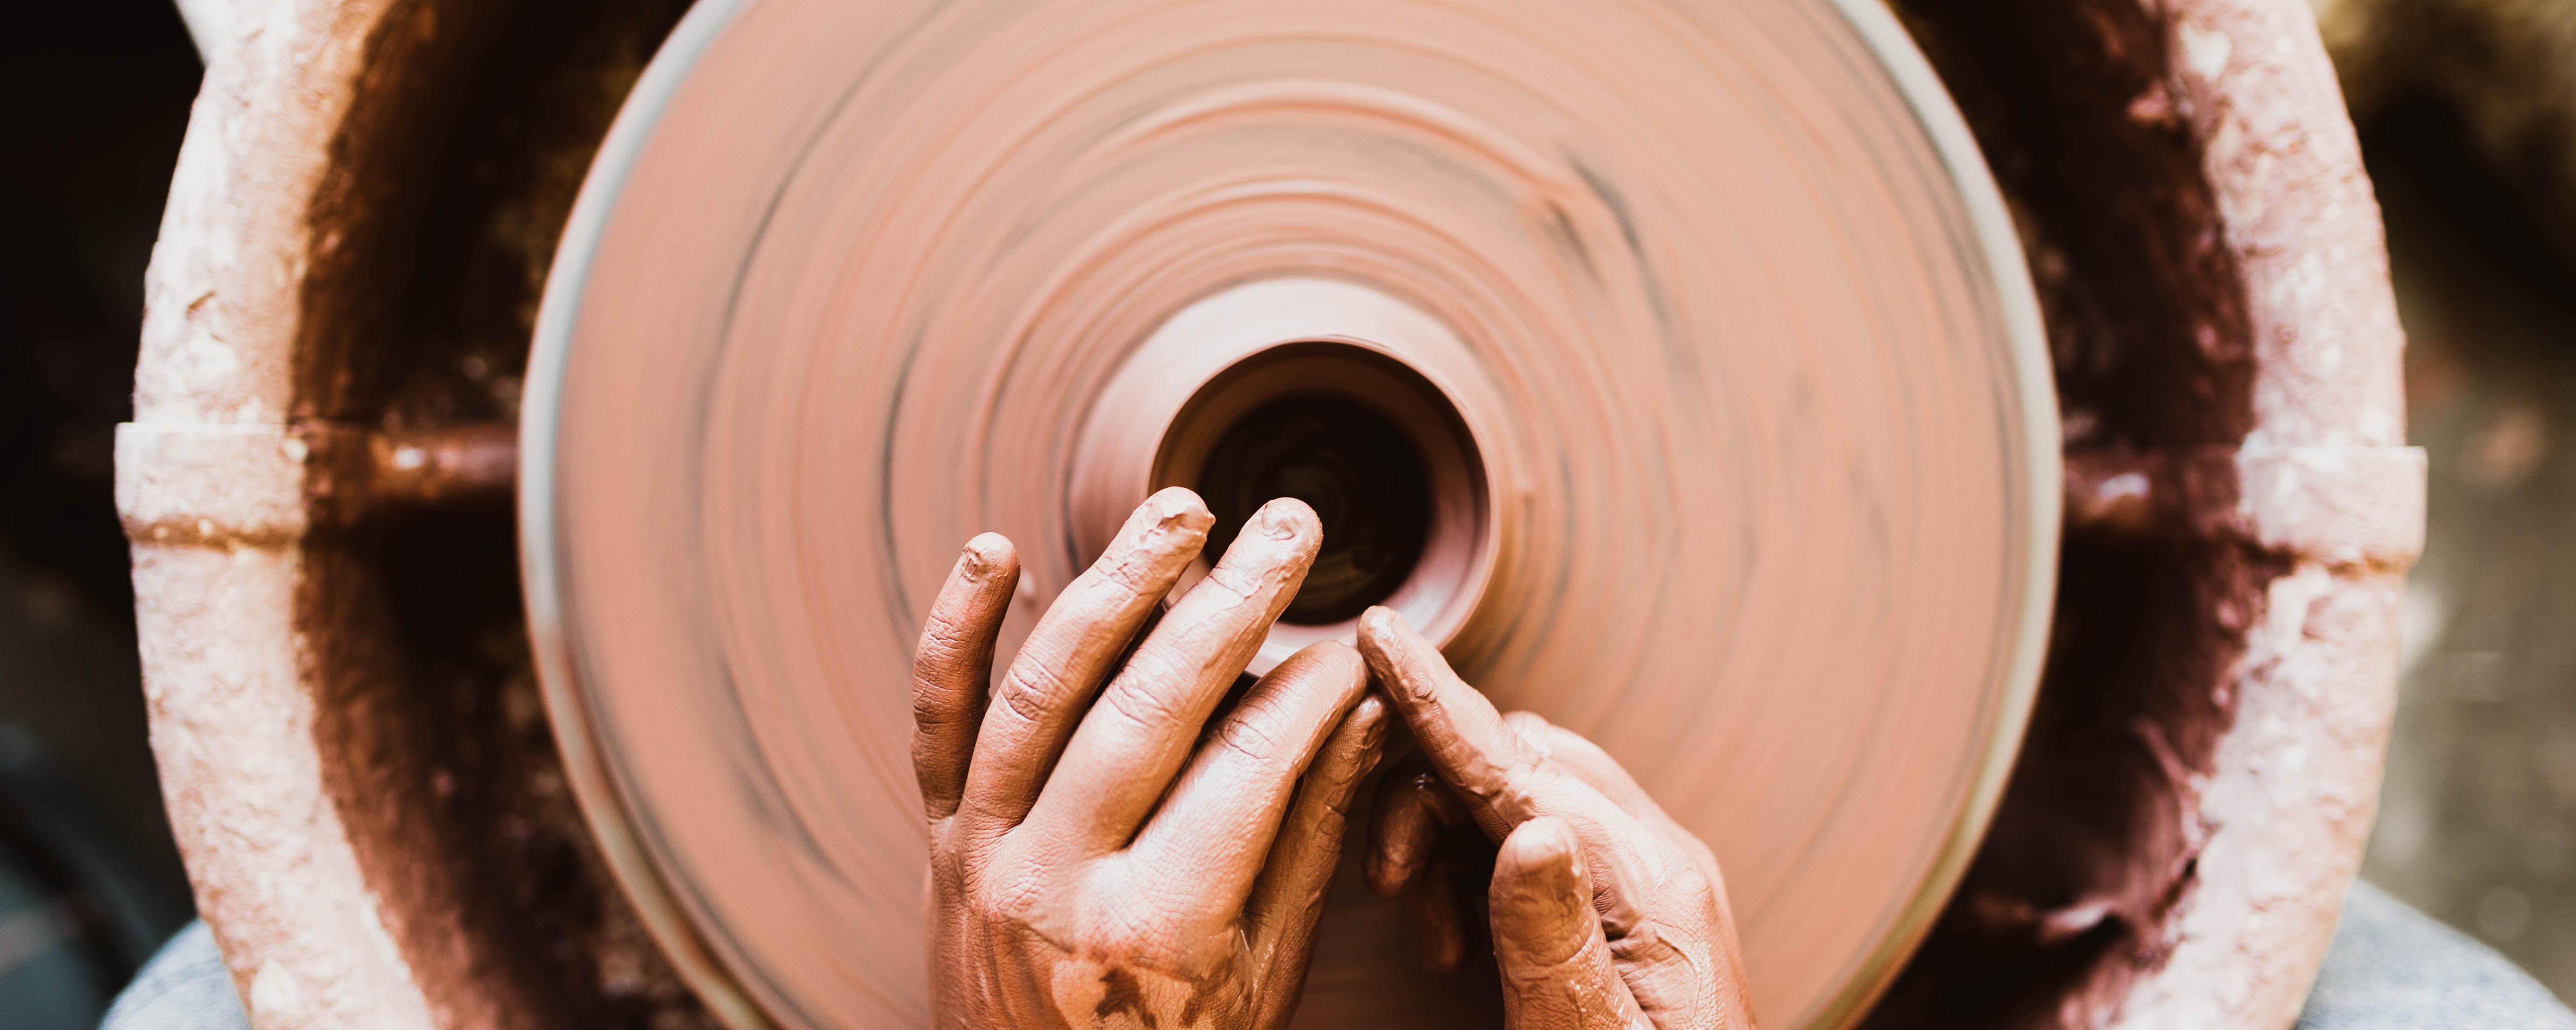 ceramic dishware.jpg